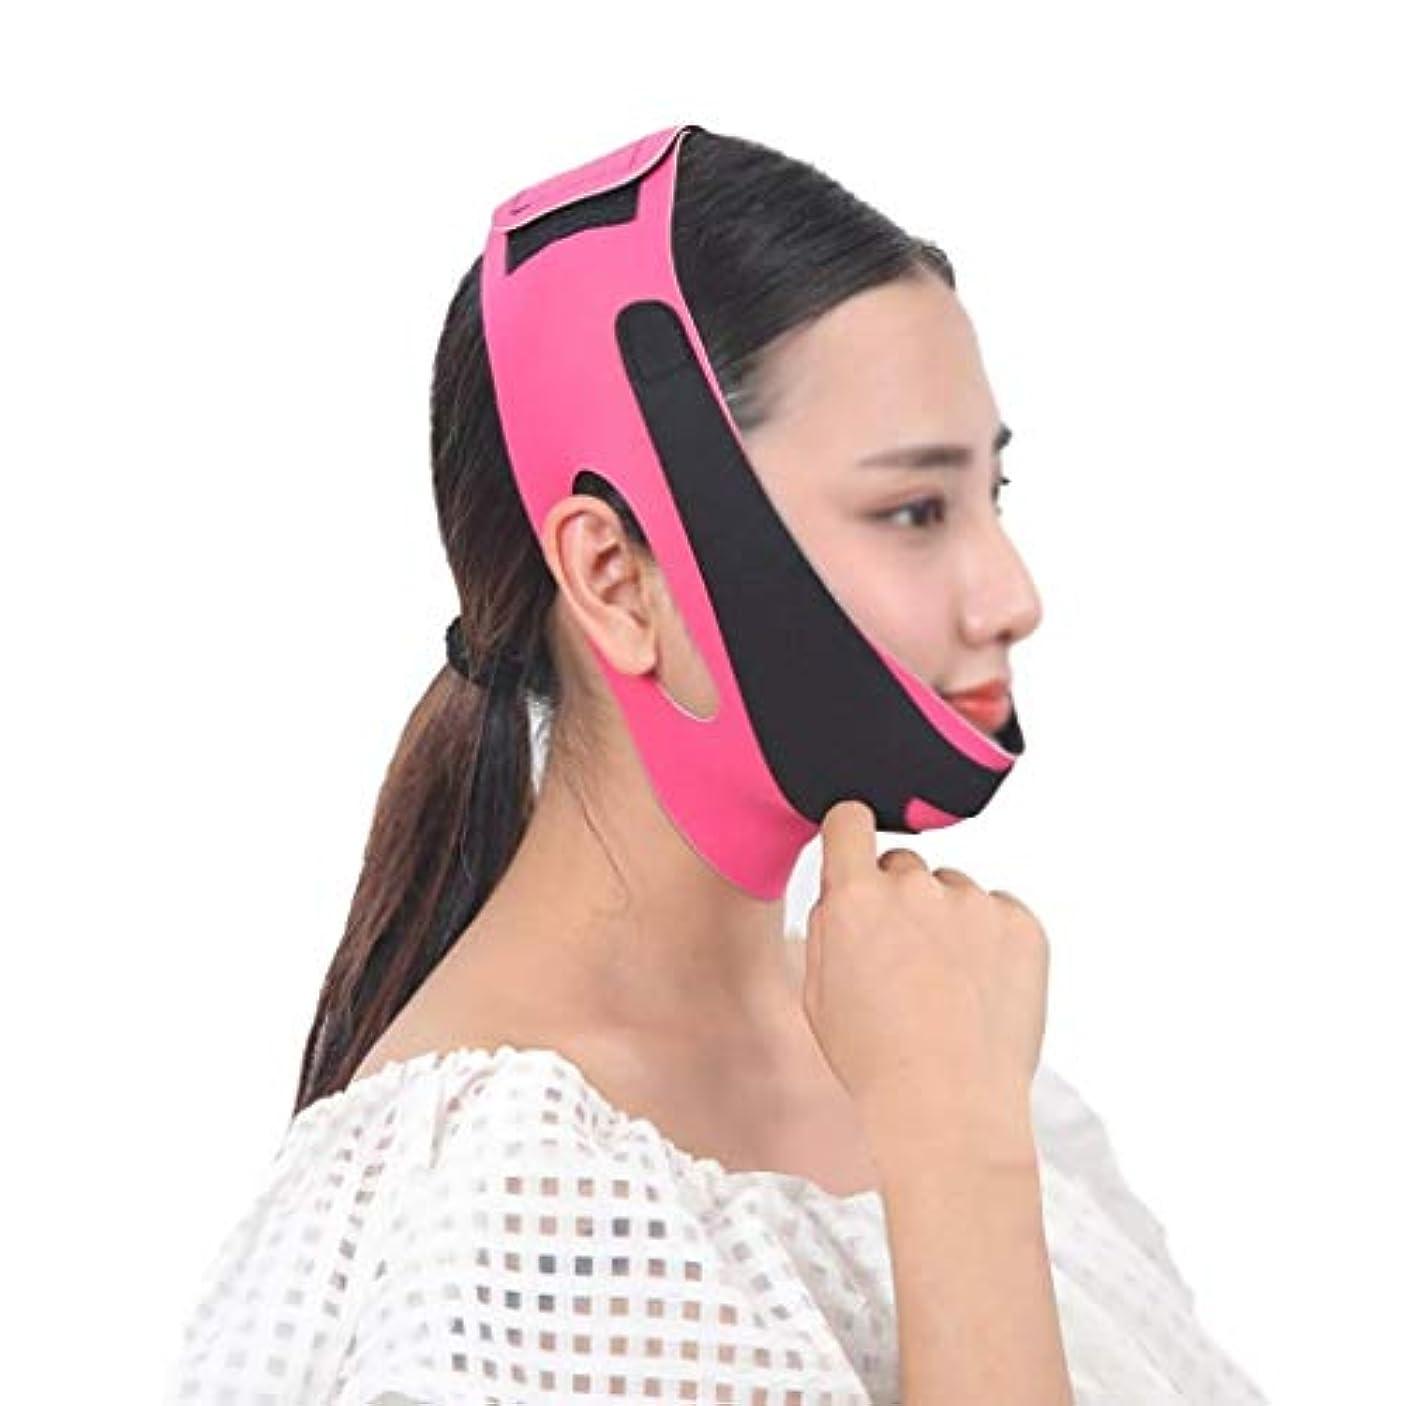 アジア人気付く内部フェイスアンドネックリフト術後弾性フェイスマスク小さなV顔アーティファクト薄い顔包帯アーティファクトV顔ぶら下げ耳リフティング引き締め薄い顔アーティファクト